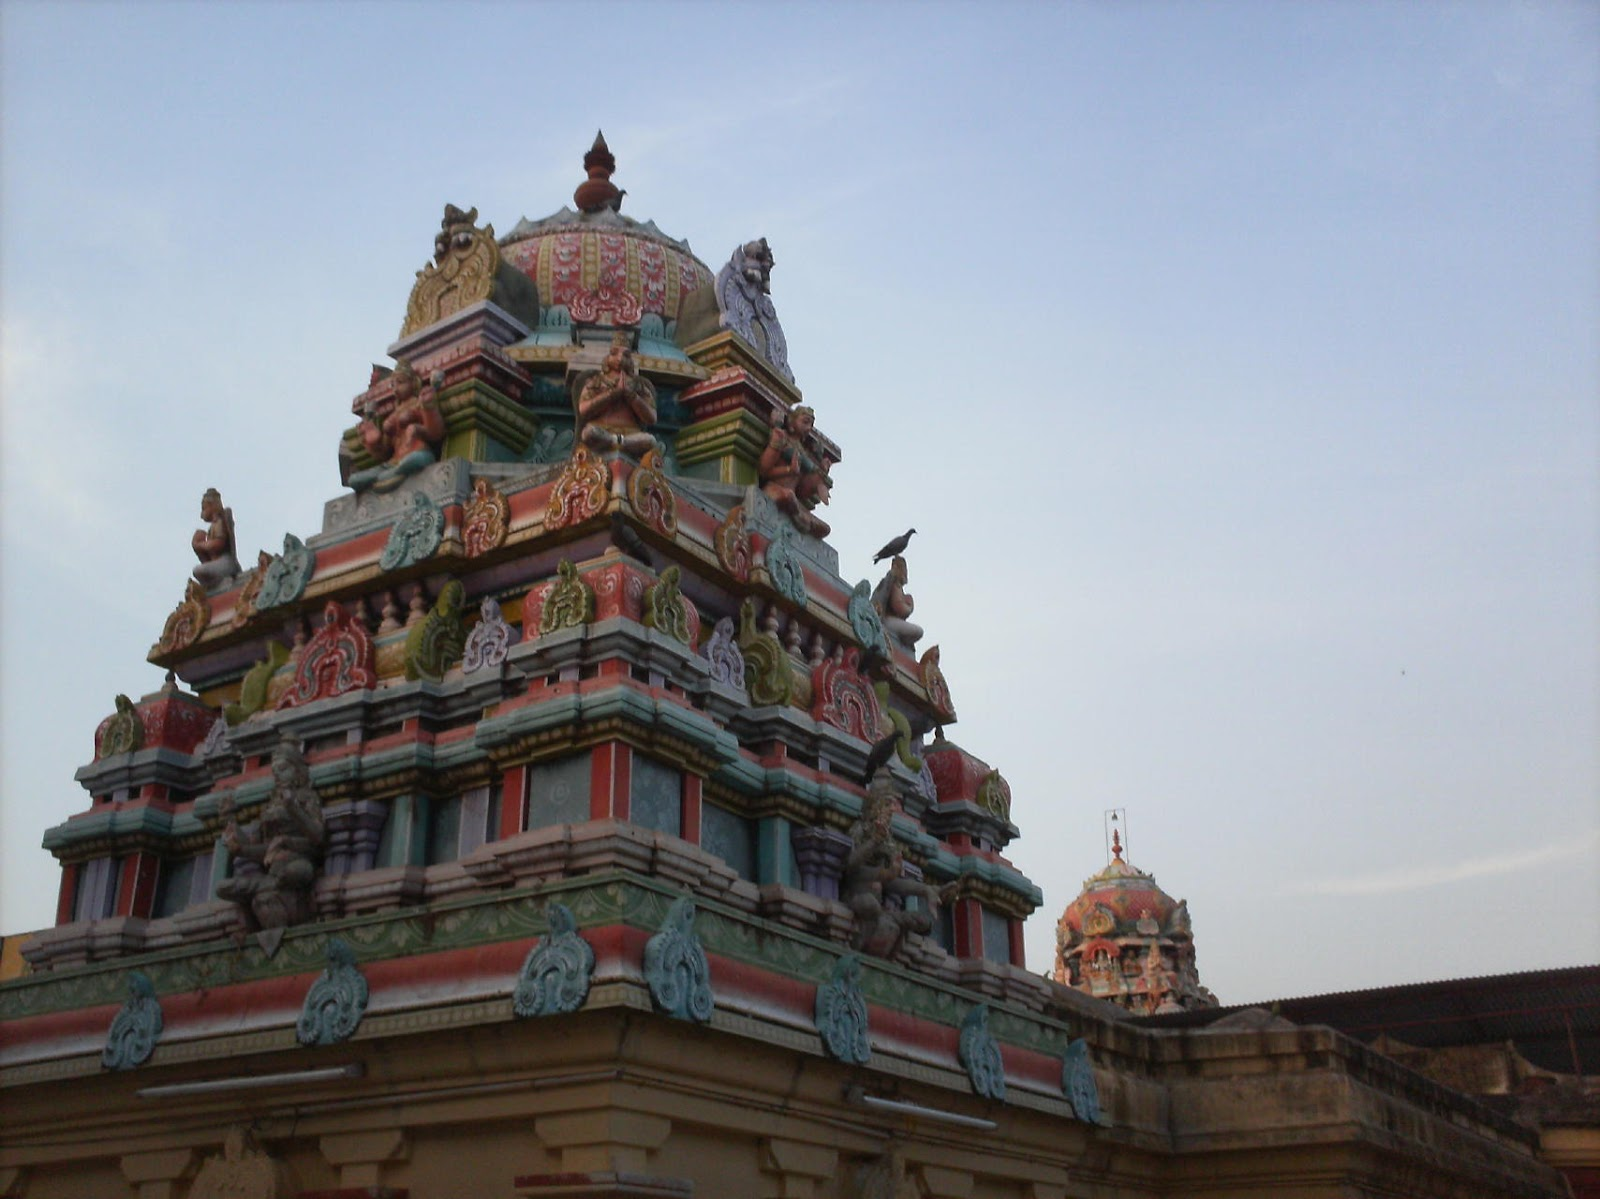 Sri Jaganatha Perumal Temple (Nandipura Vinnagaram) Nathan Koil, Thanjavur - Divya Desam 13